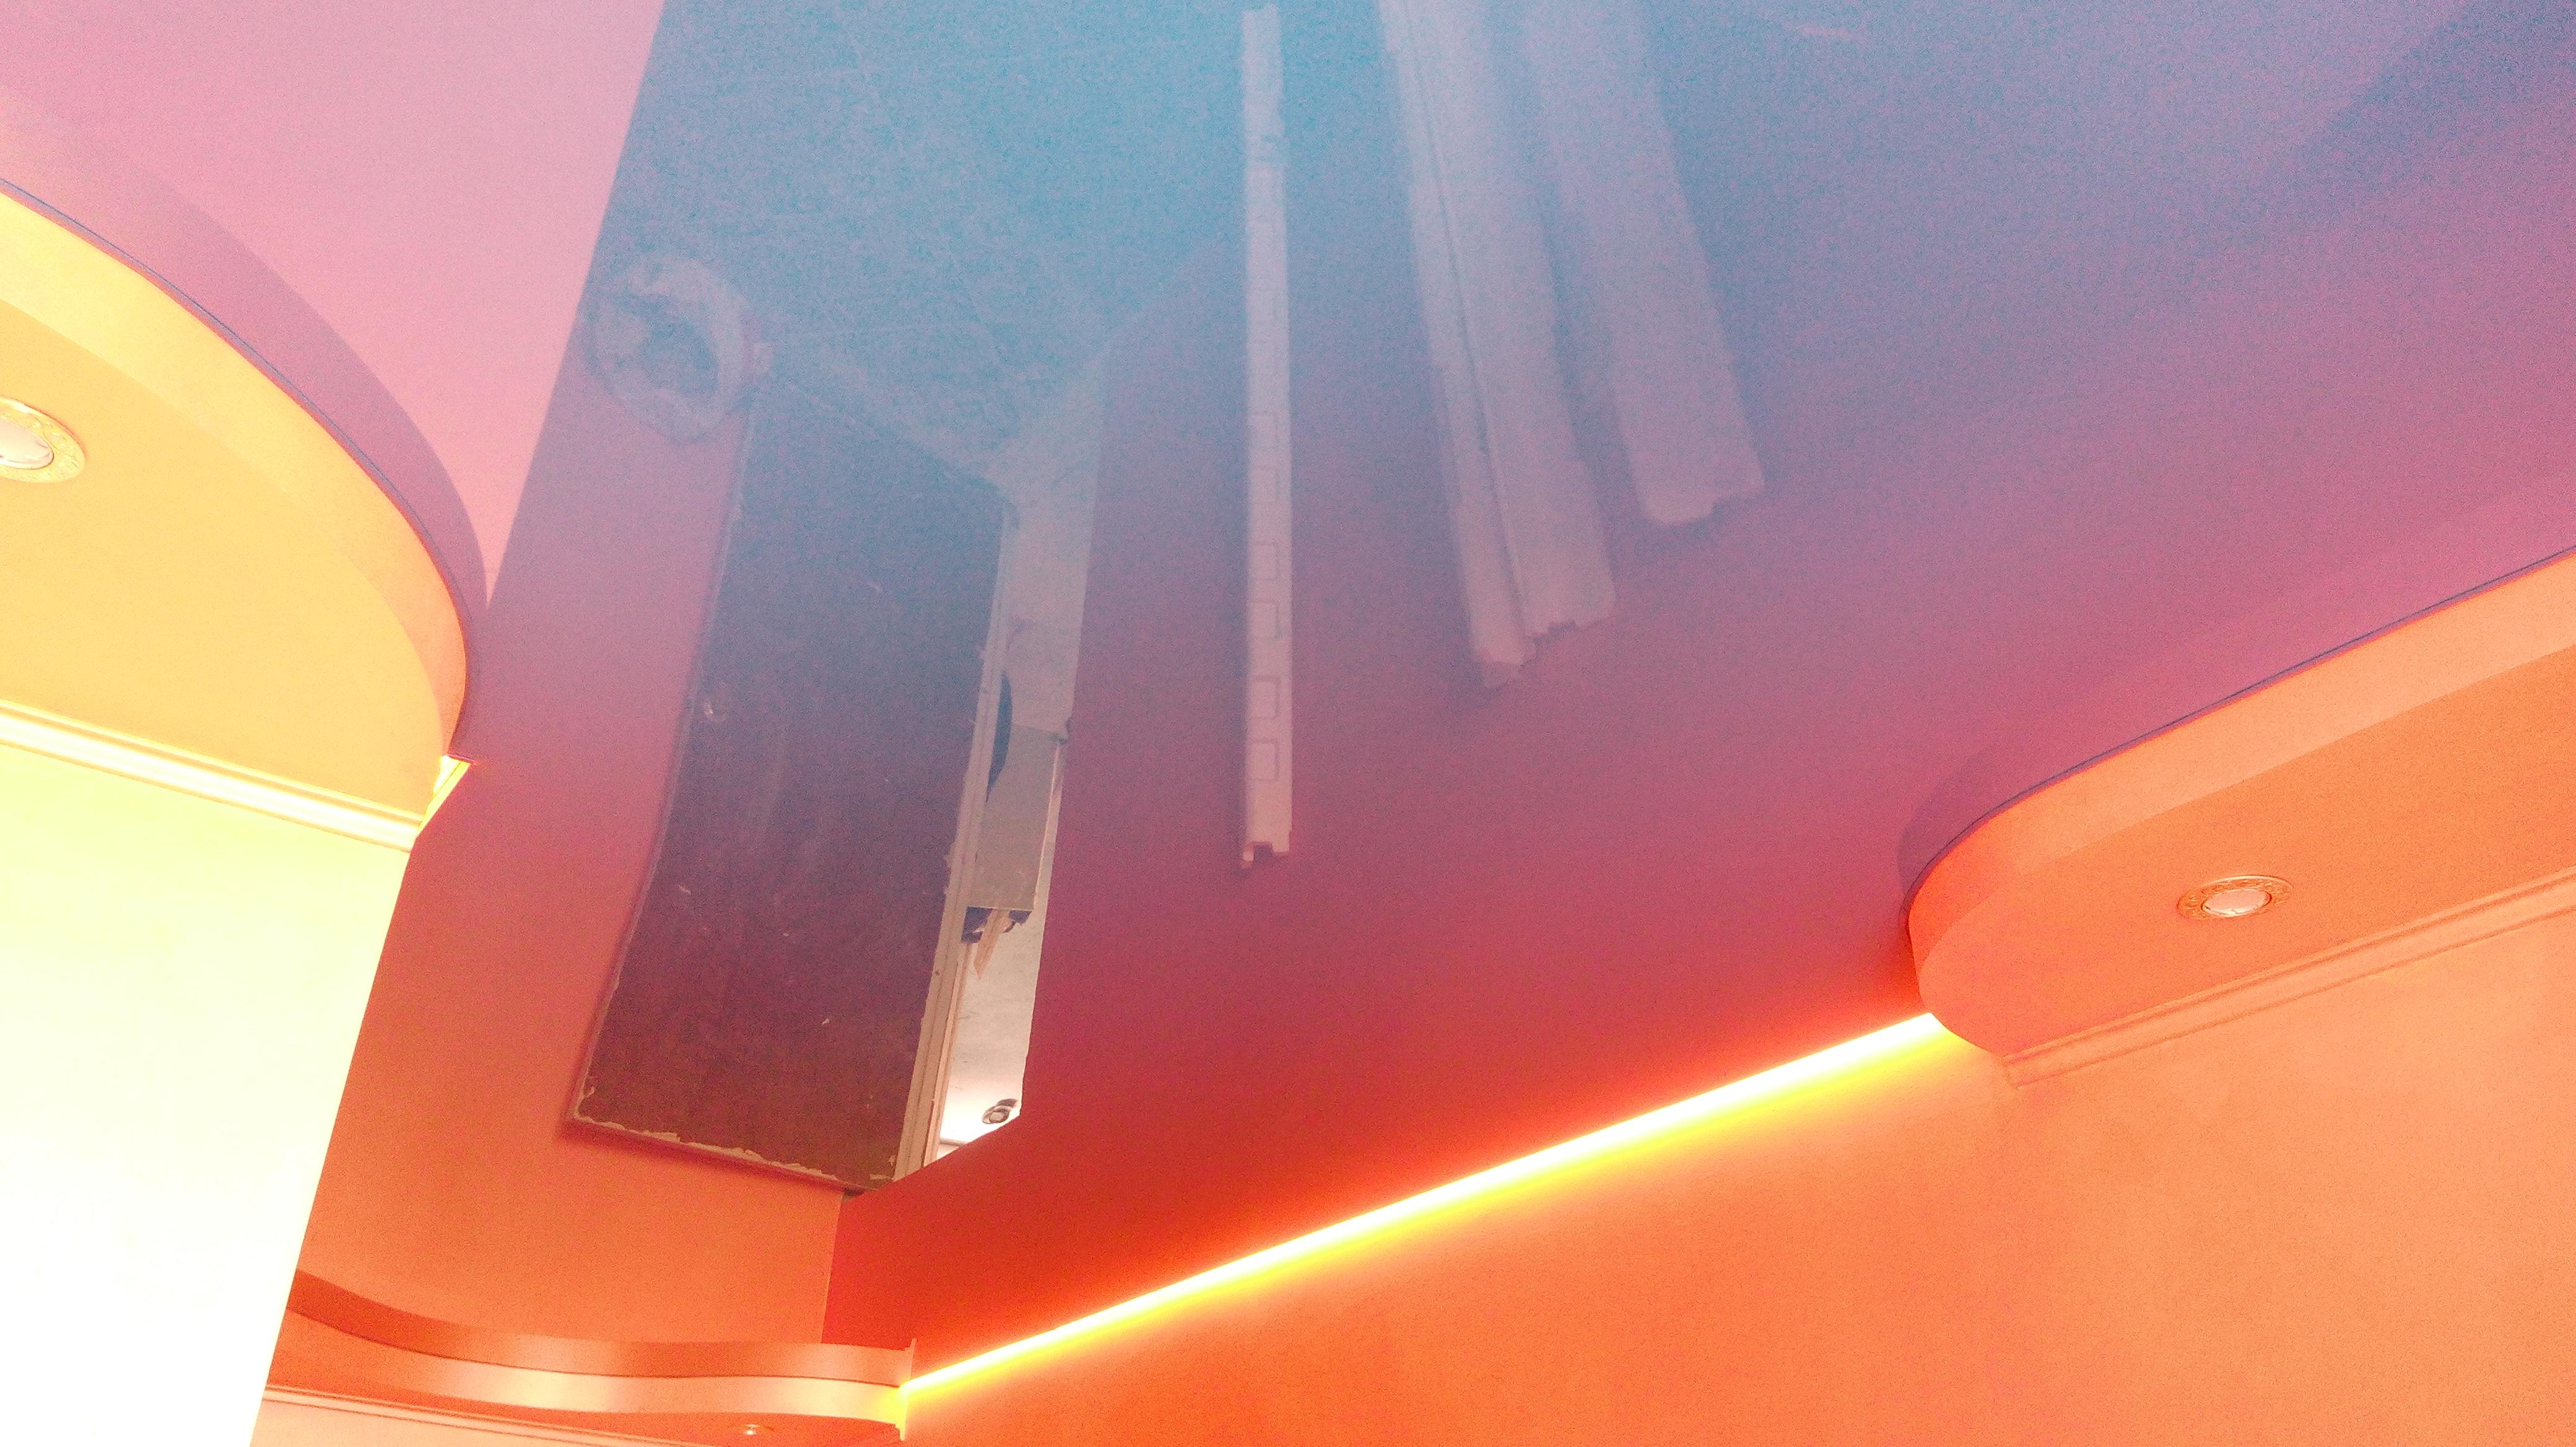 """Фото Натяжные потолки с криволинейными коробами, с точечными светильниками. Окраска стен выполнена фактурной краской. Натяжные потолки обрамлены светодиодной лентой по технологии """"парящий потолок"""". Свежая идея для кухни."""